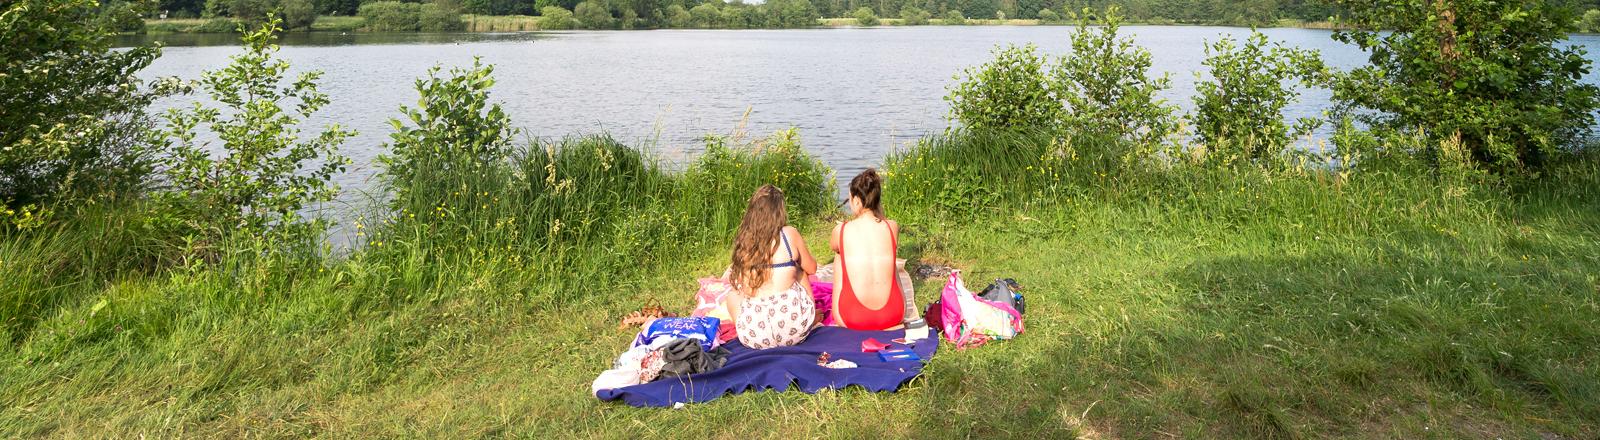 Zwei Frauen in Badeanzügen an einem See.